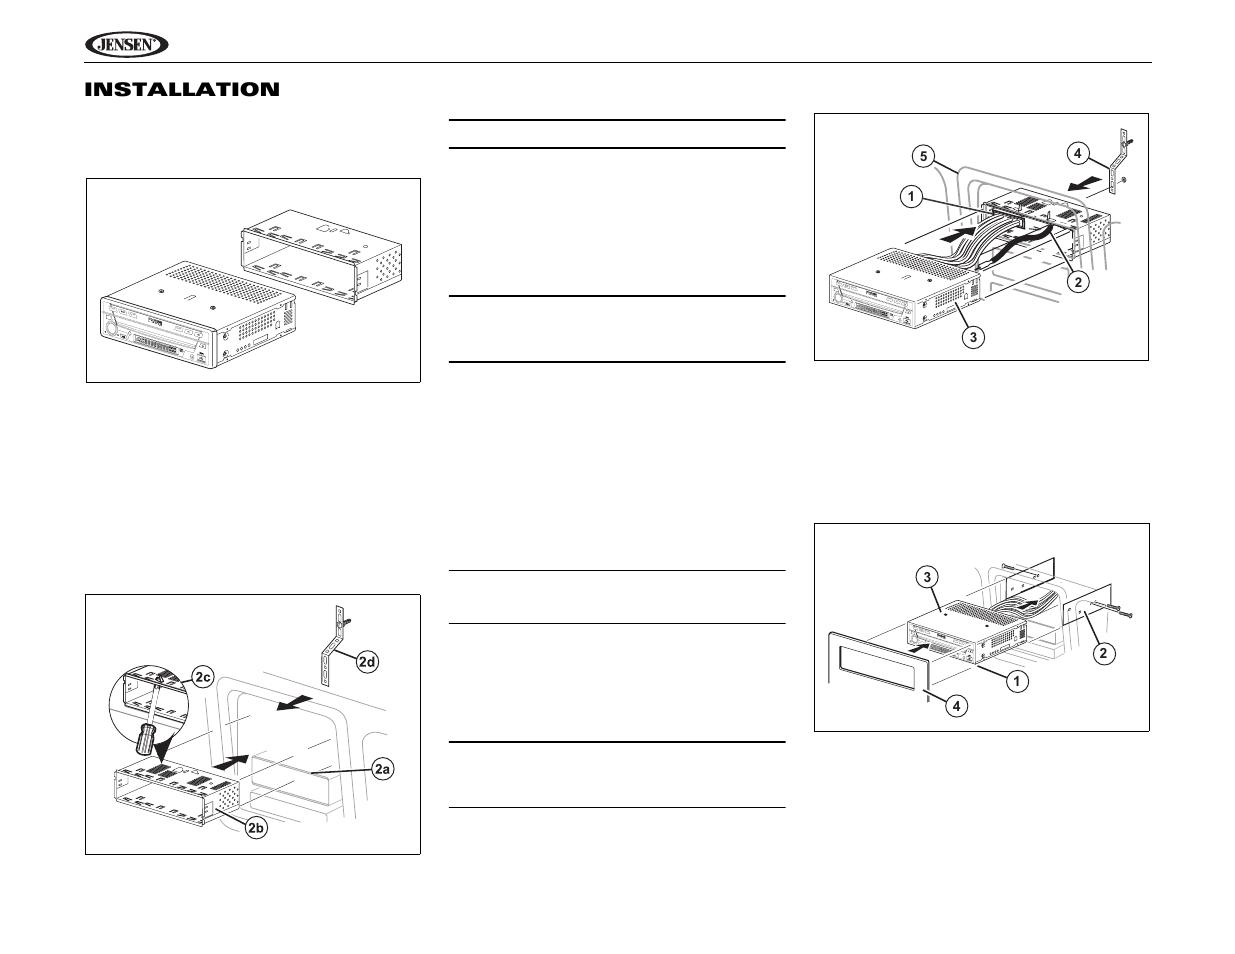 hight resolution of jensen 8 din wiring diagram simple wiring schema rh 38 aspire atlantis de jensen dvd wiring